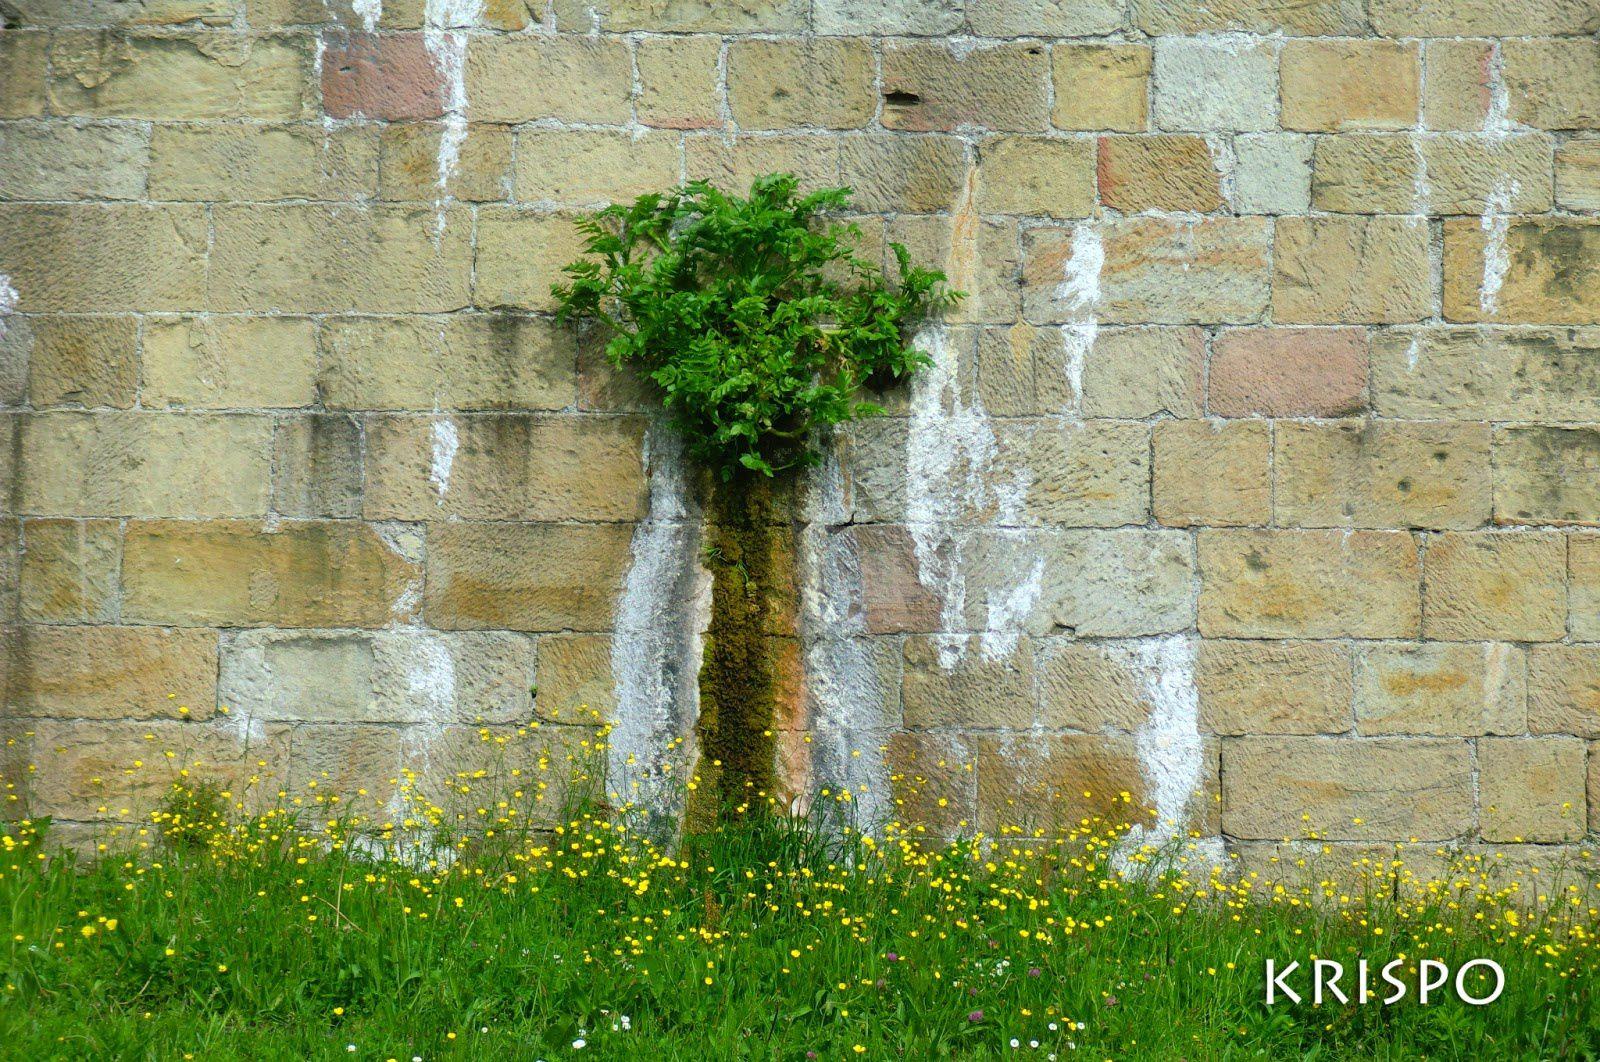 """""""De una herida de guerra en la muralla, ha nacido un árbol. Un árbol de hojas y agua."""" Source: IKUSI BATUSI, blog de la géniale photographe Krispo qui vit dans la ville portuaire navarraise de Hondarribia (Fontarrabie), au bord de la Bidassoa et de l'autre côté de Hendaye, dos aux Pyrénées et face à l'Océan atlantique: http://ikusibatusi.blogspot.fr/2013/05/arte-natural-arbol-muralla-hondarribia.html"""